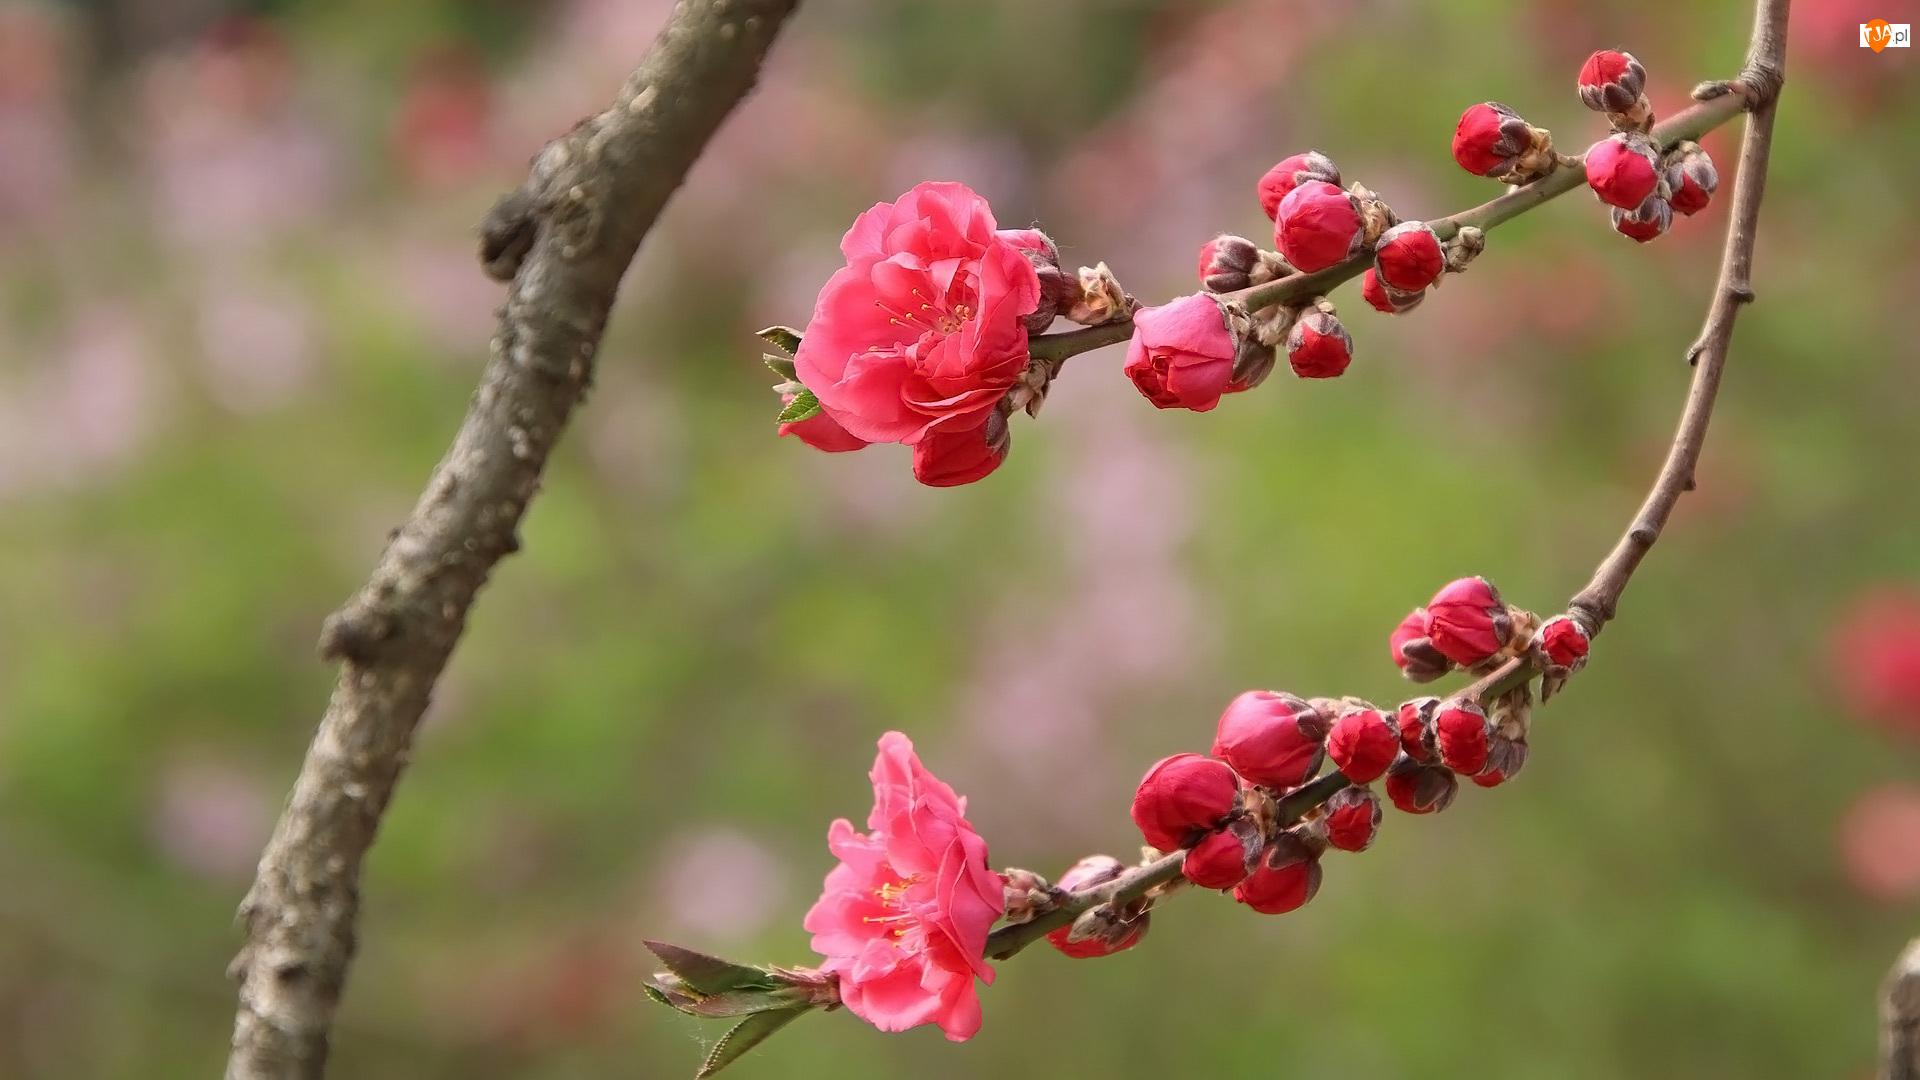 Kwiaty, Brzoskwinia, Gałązka, Okwiecona, Drzewo owocowe